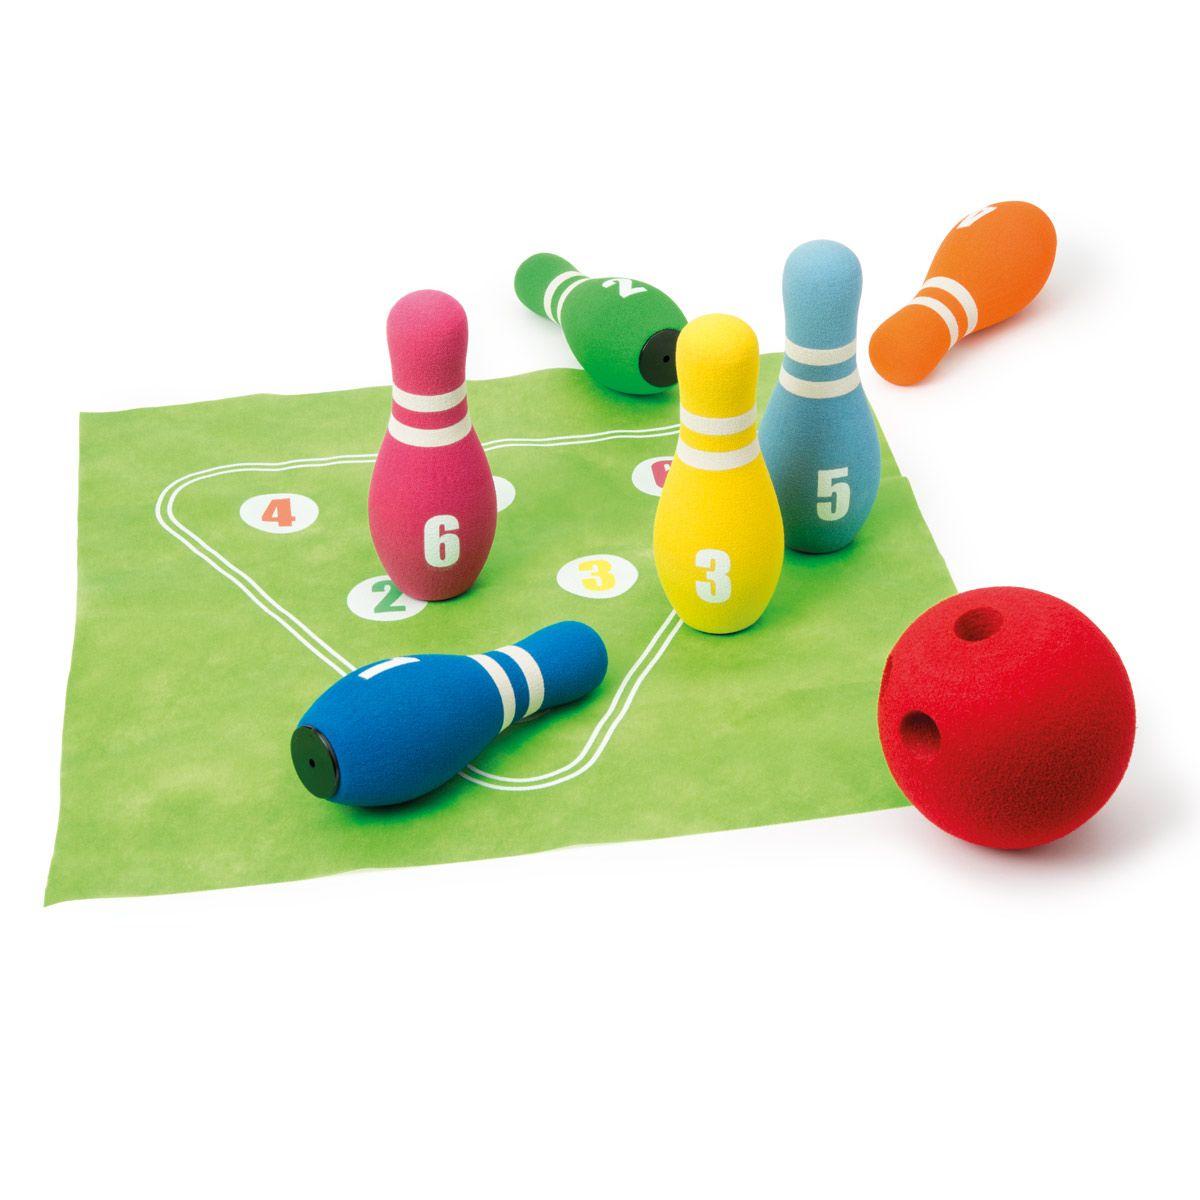 Bowling En Mousse Energybul Création Oxybul   Jeux De avec Jeu De Quilles Enfant